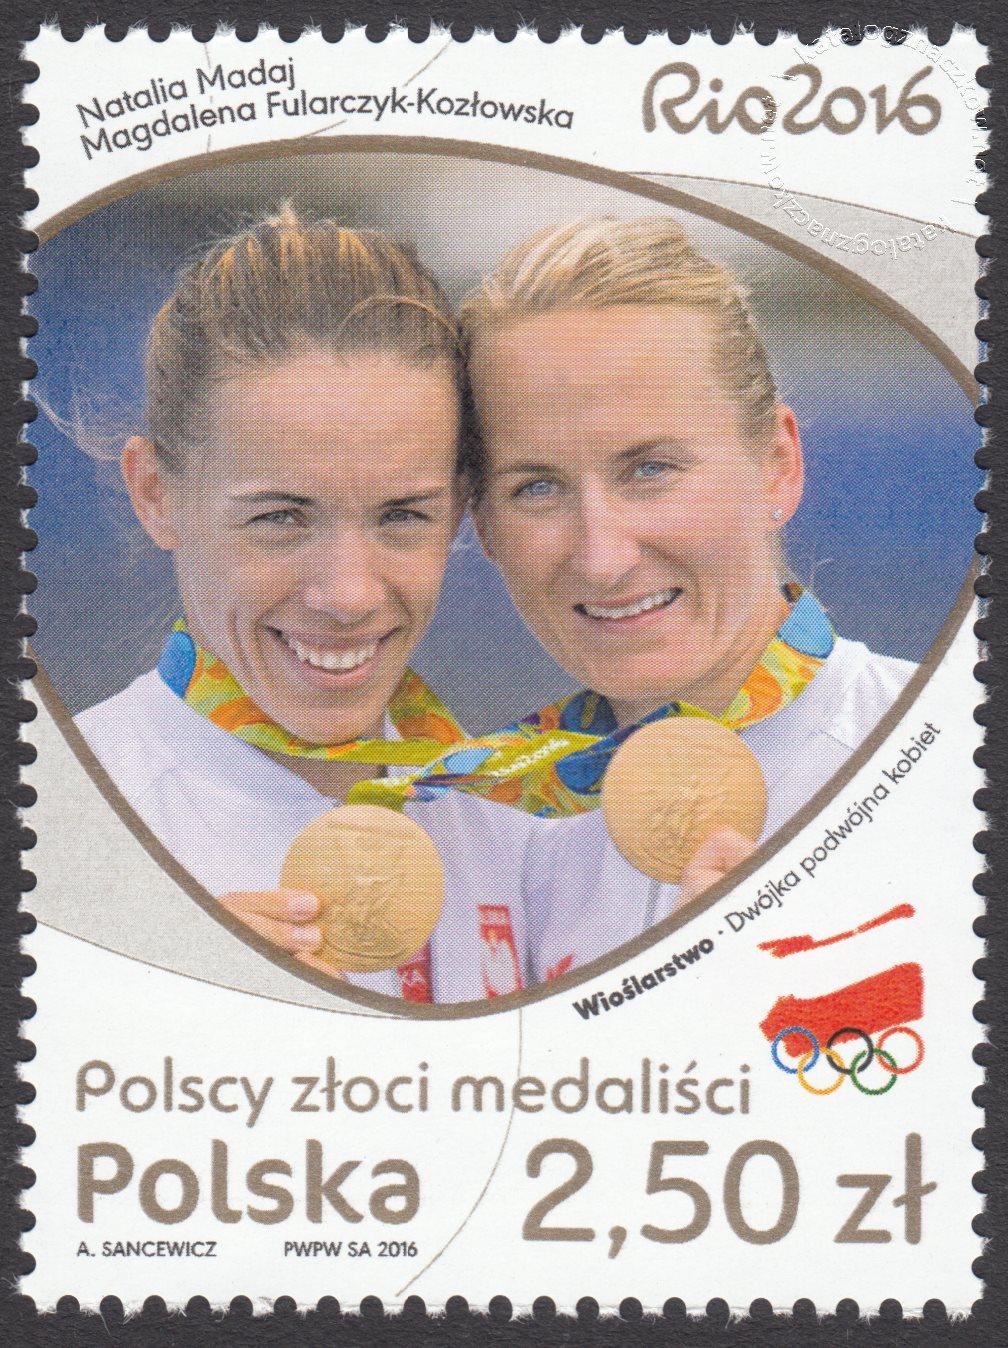 Polscy złoci medaliści – znaczek nr 4738